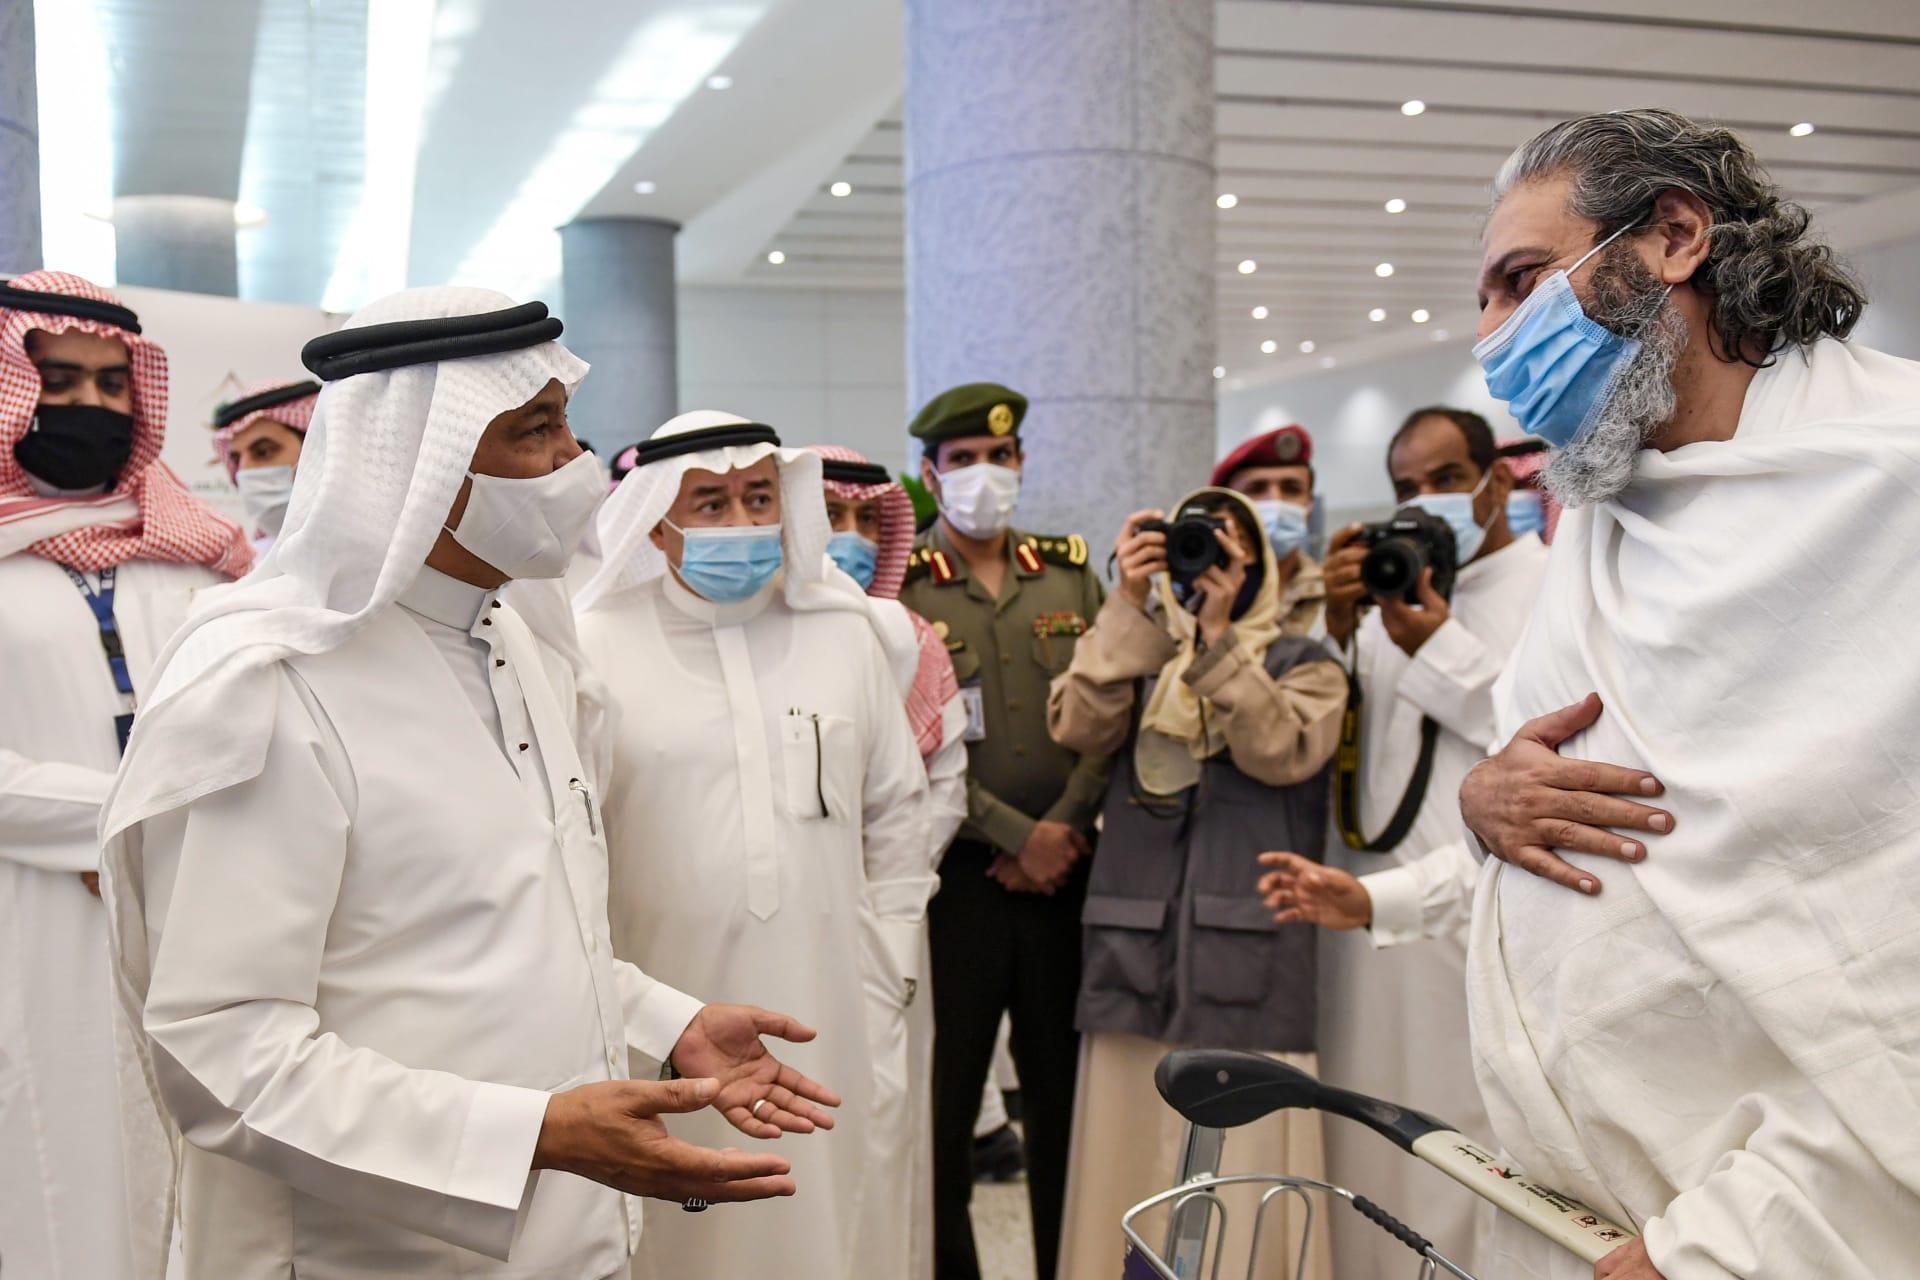 السعودية تستقبل أول فوج من معتمري الخارج مع بدء المرحلة الثالثة لاستئناف العمرة